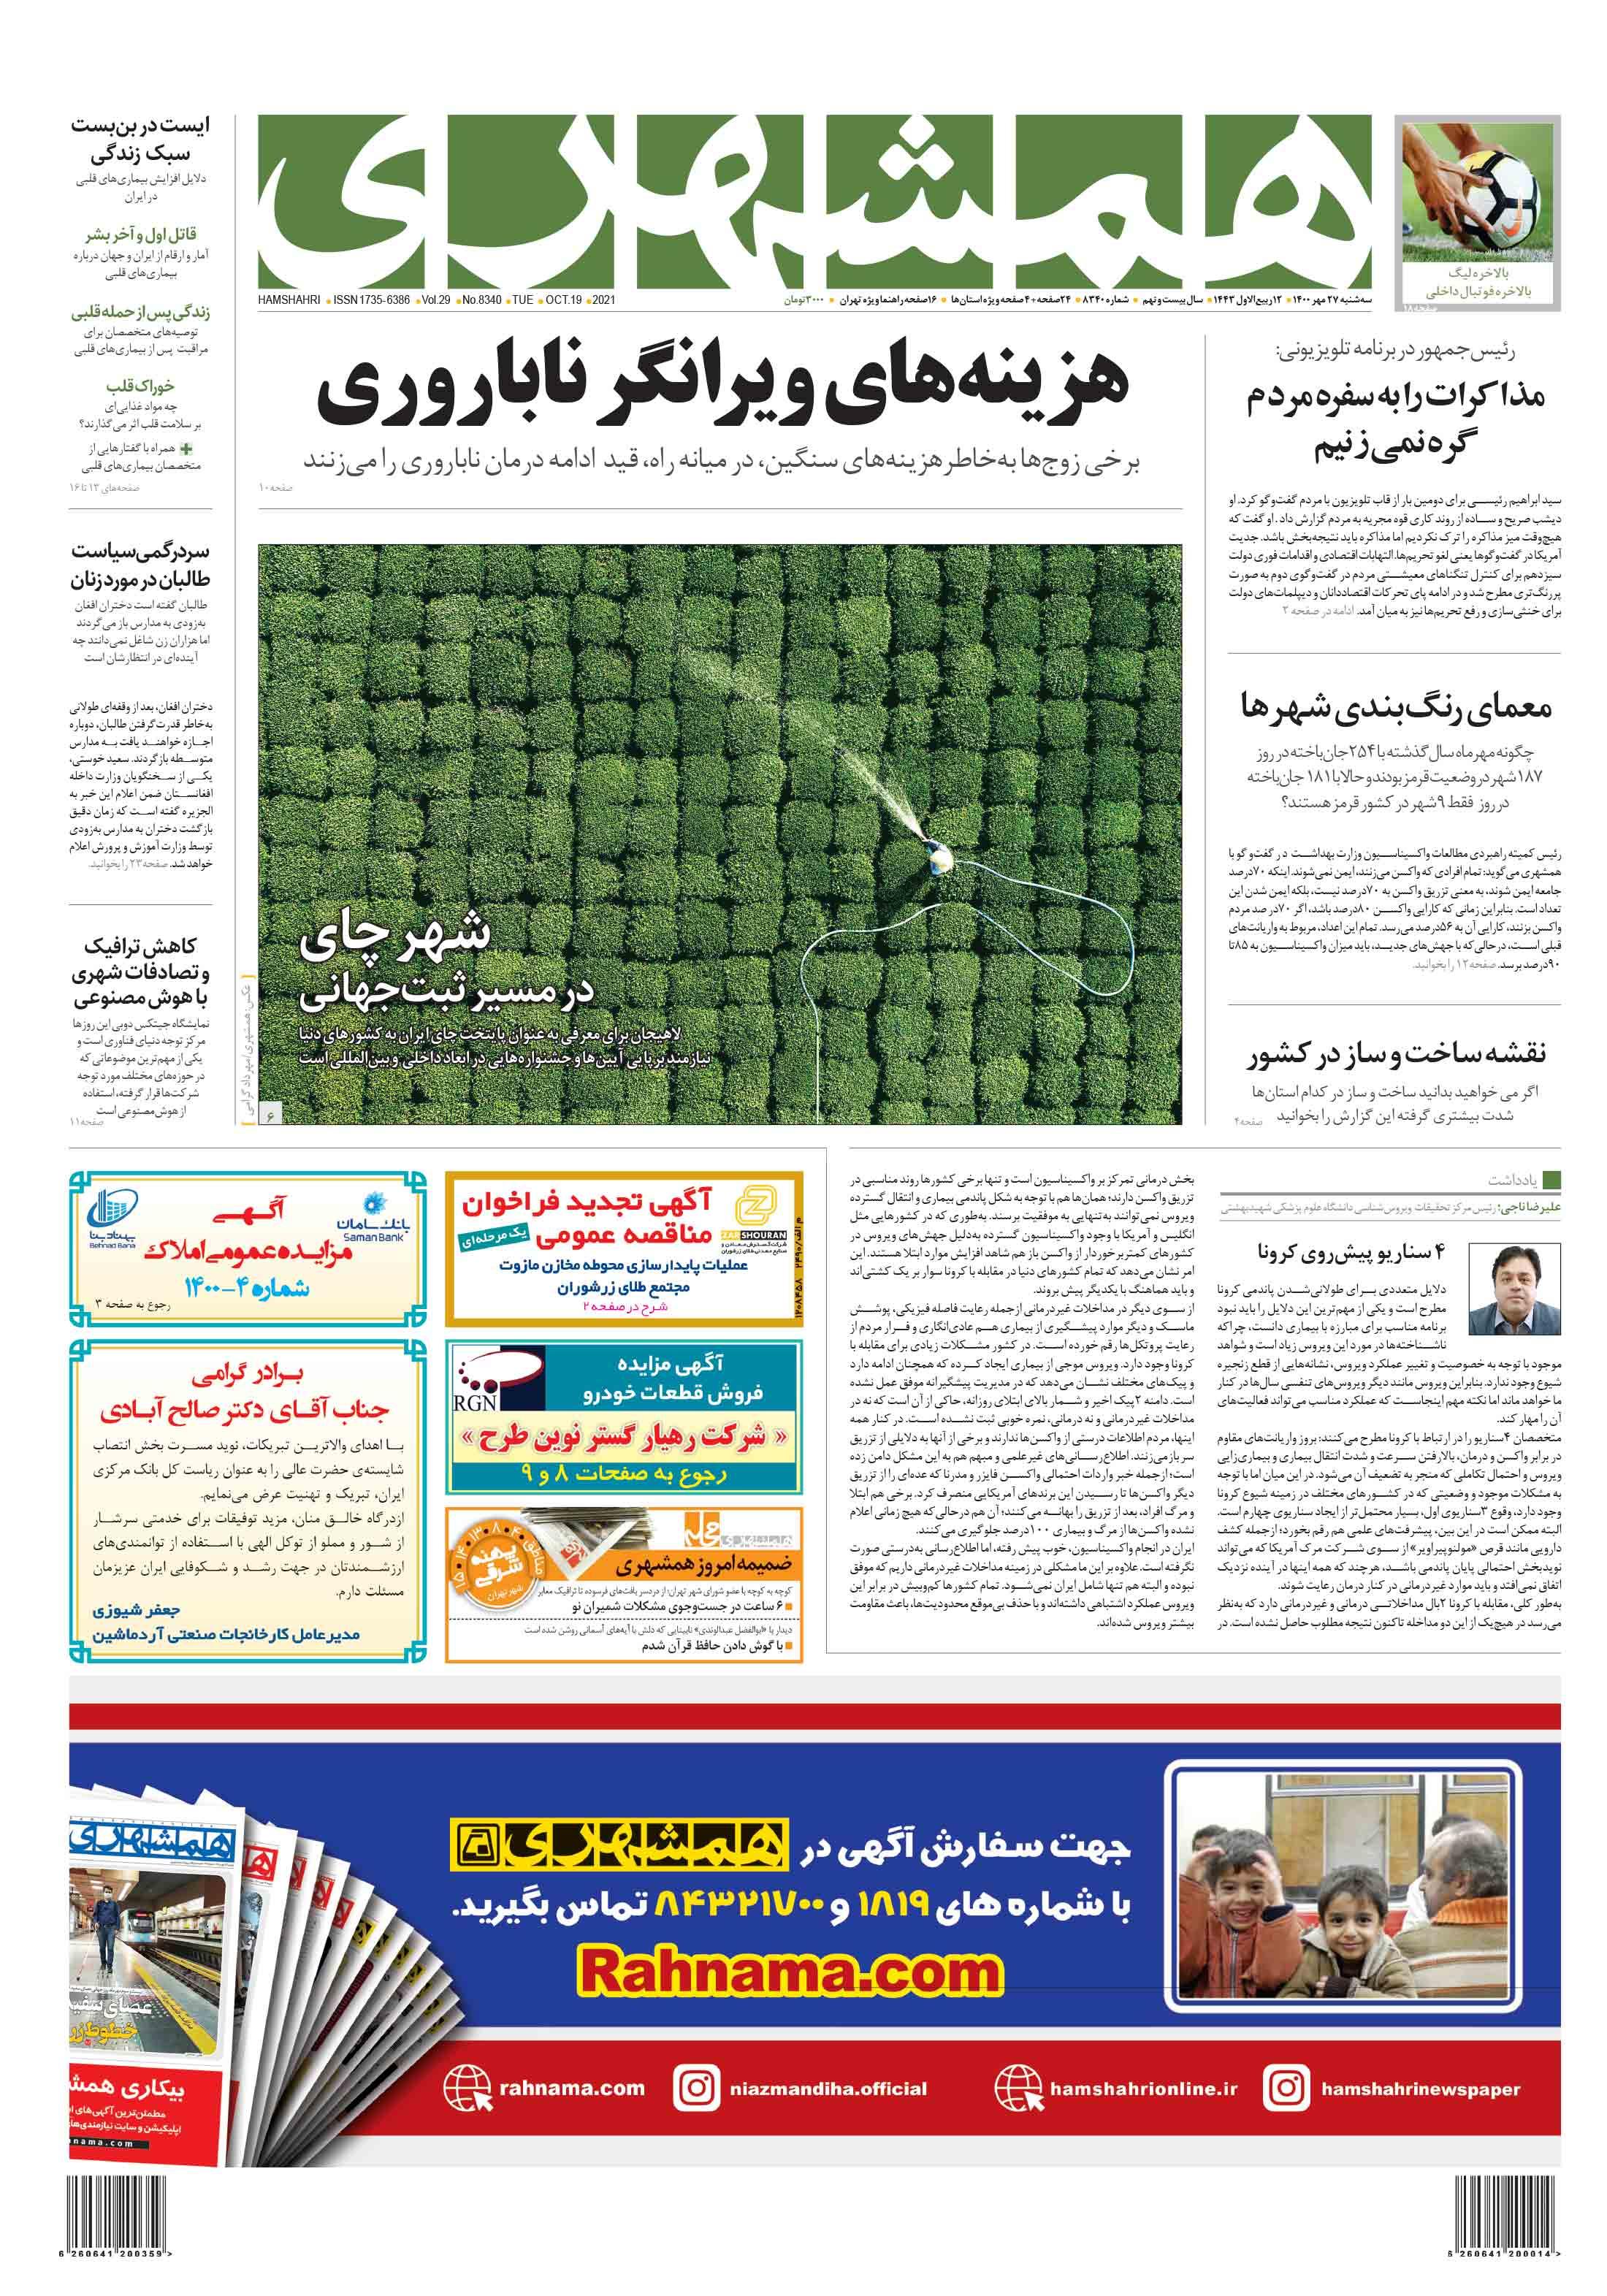 صفحه اول سهشنبه 27 مهر 1400